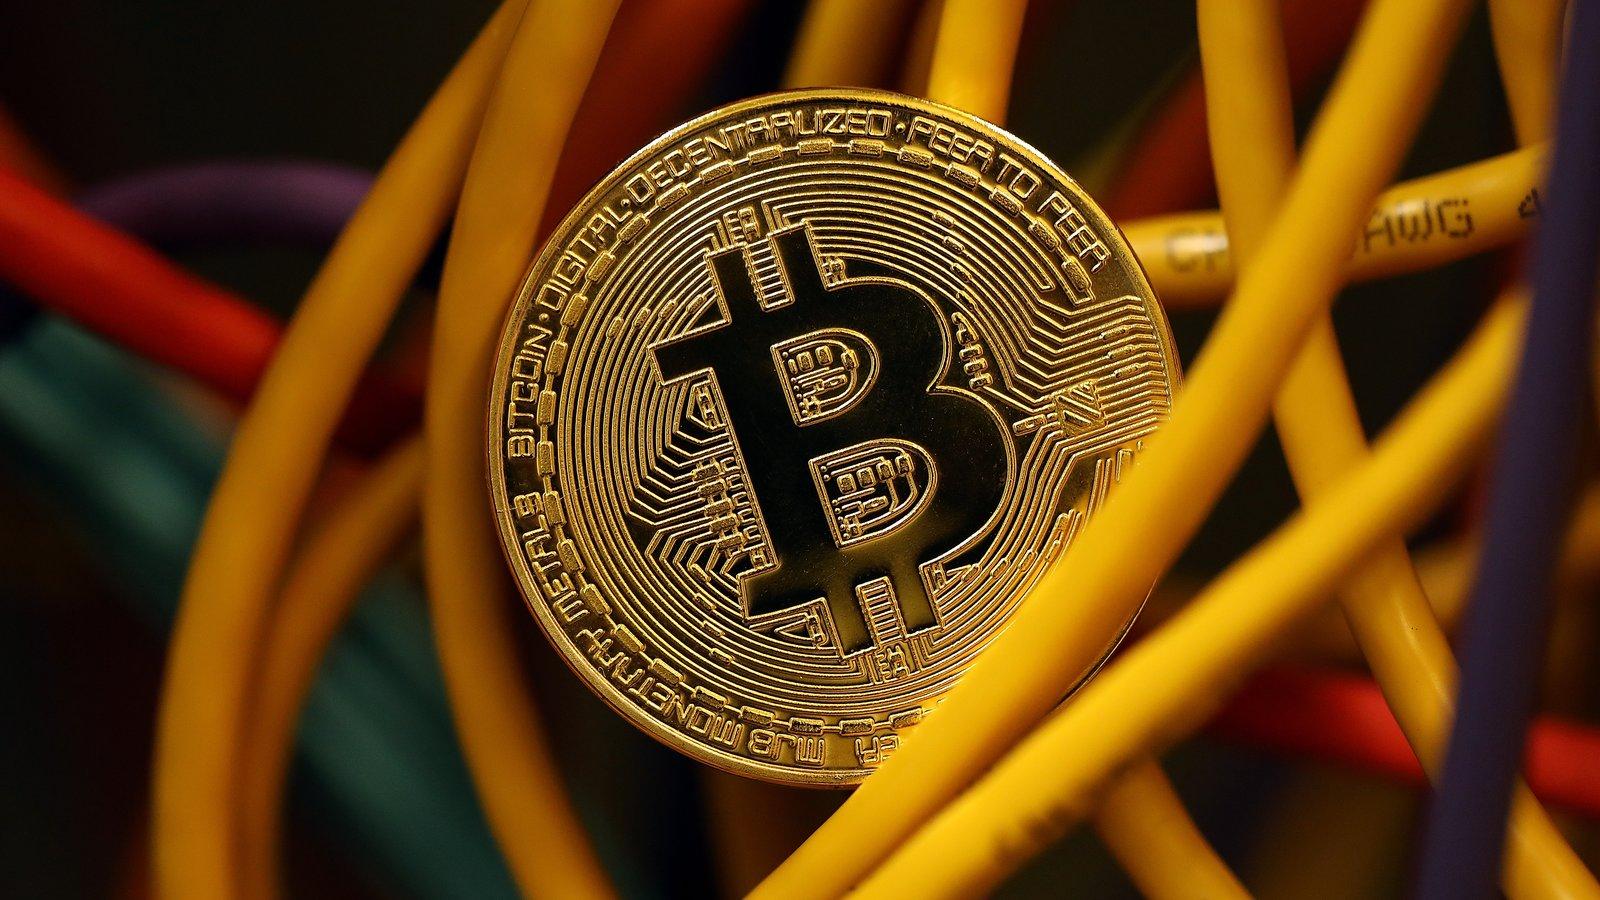 Come il Bitcoin sta finanziando molte delle campagna politiche in tutto il mondo - Come il Bitcoin sta finanziando molte delle campagna politiche in tutto il mondo